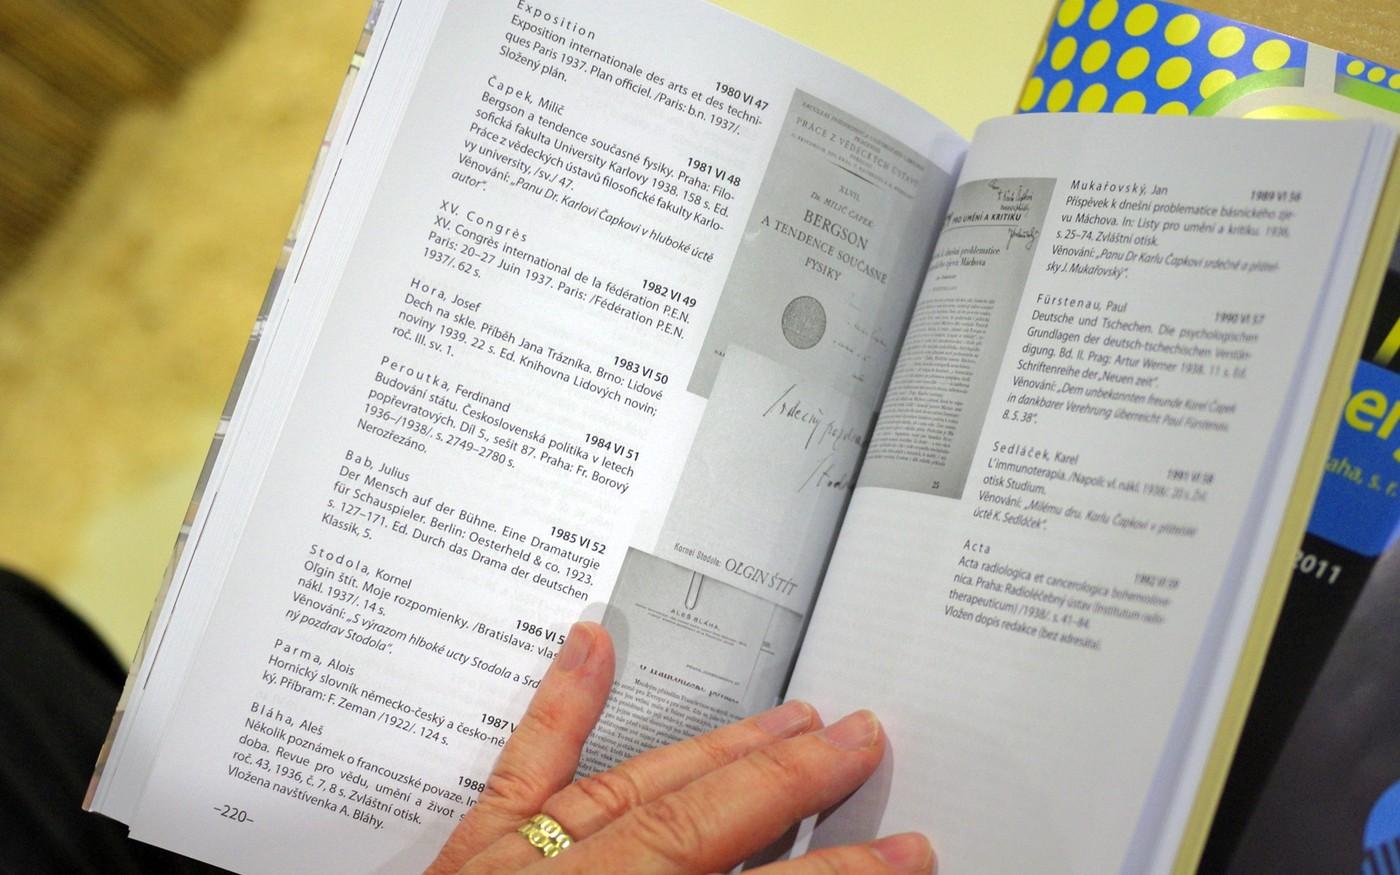 Na stránkách publikace můžeme vidět titulní listy a bibliografické záznamy Čapkových knih a také jeho vepsané poznámky